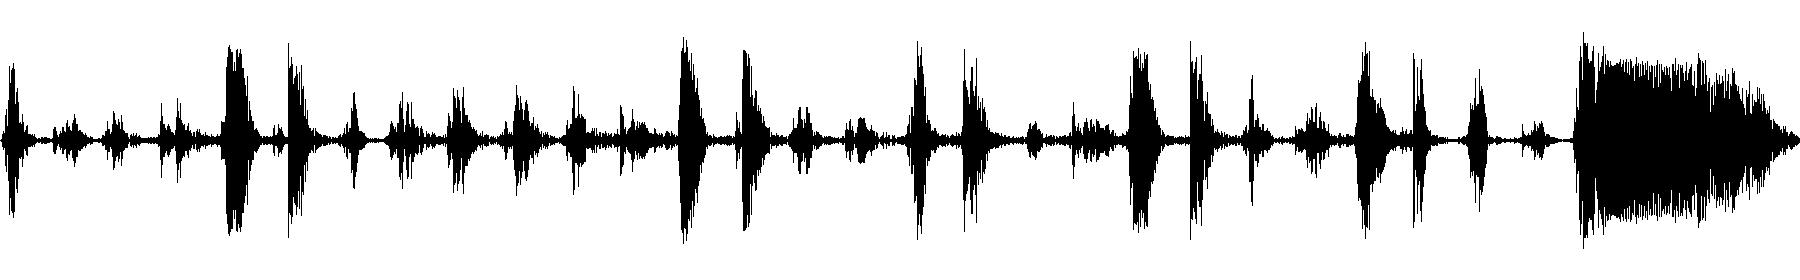 guitarfunk12 130